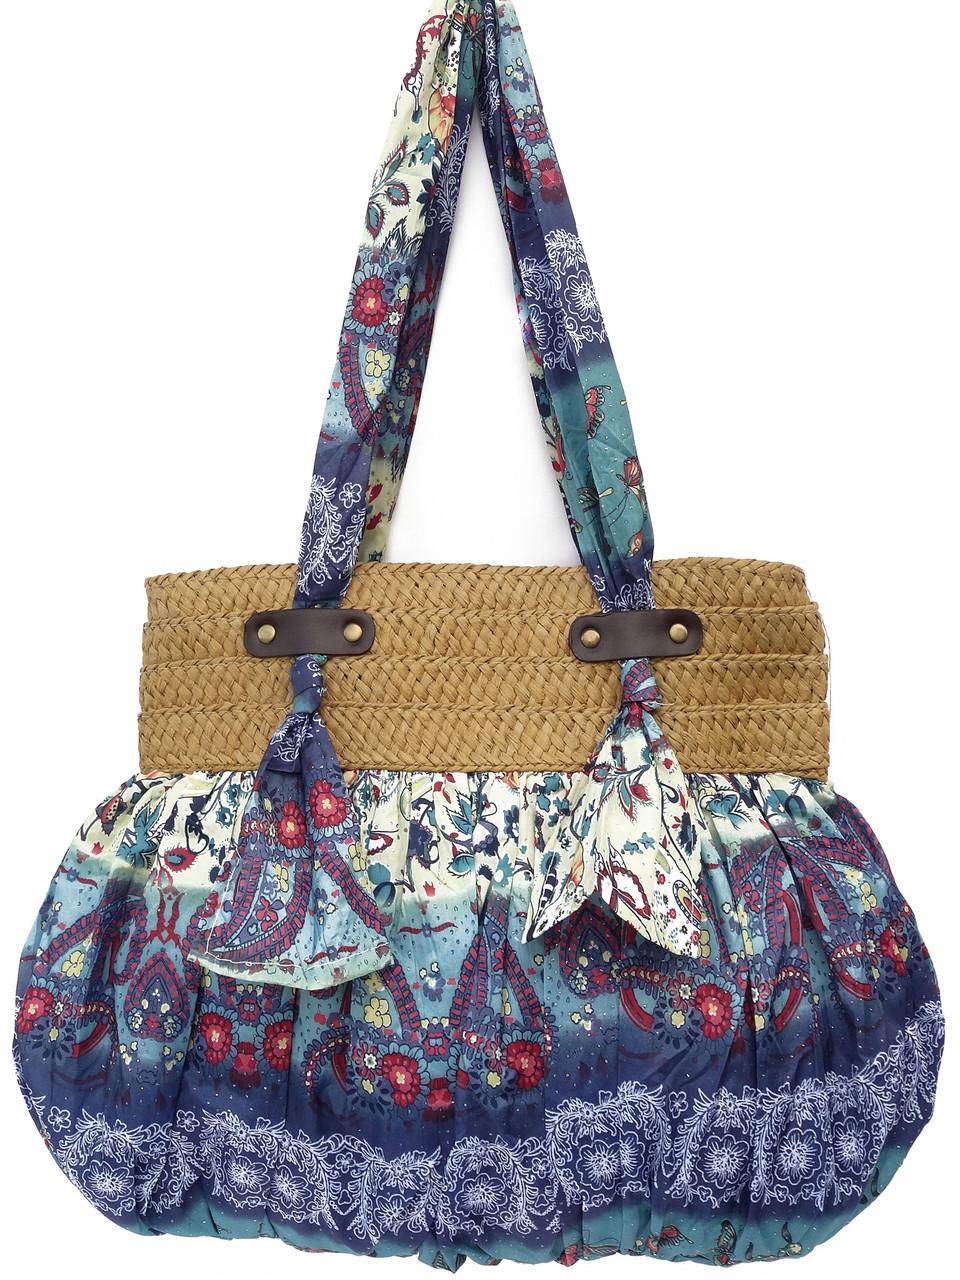 Женская сумка из ткани и рафии - Женская одежда оптом, женская одежда больших размеров - Клуб Оптовых Покупок в Одессе